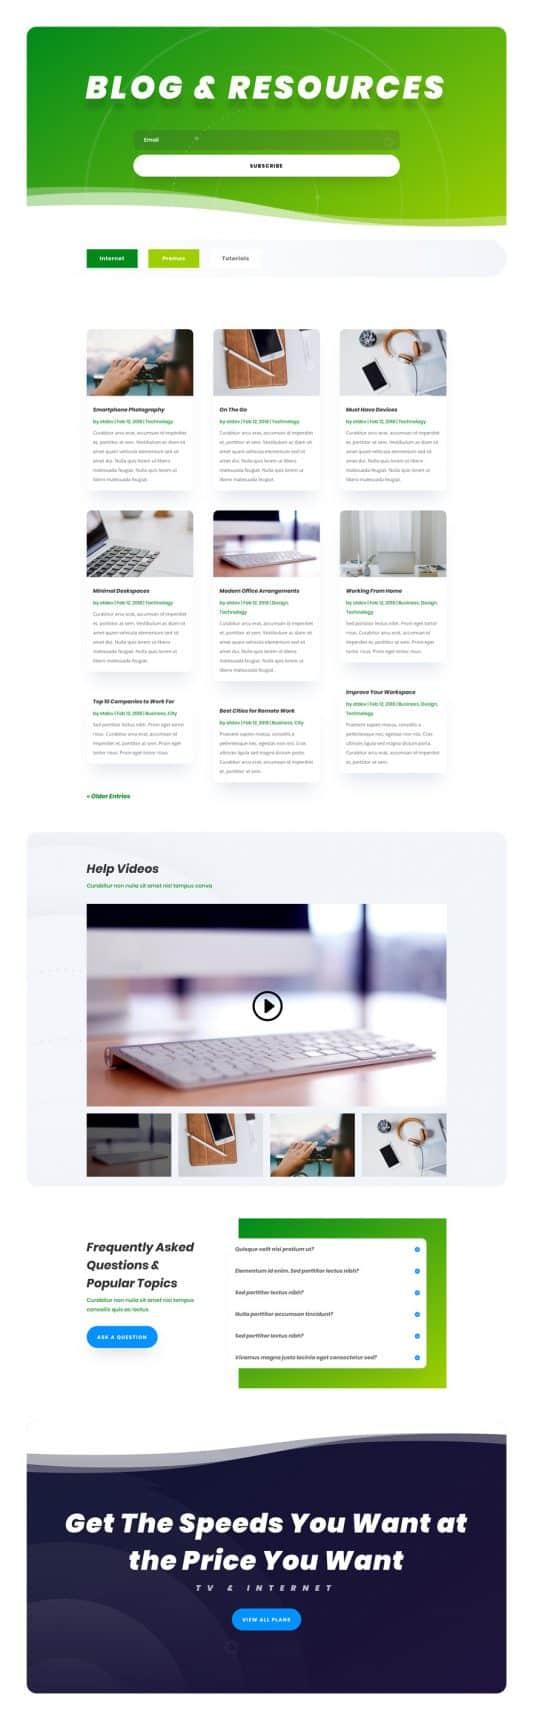 Internet Service Provider Web Design 2